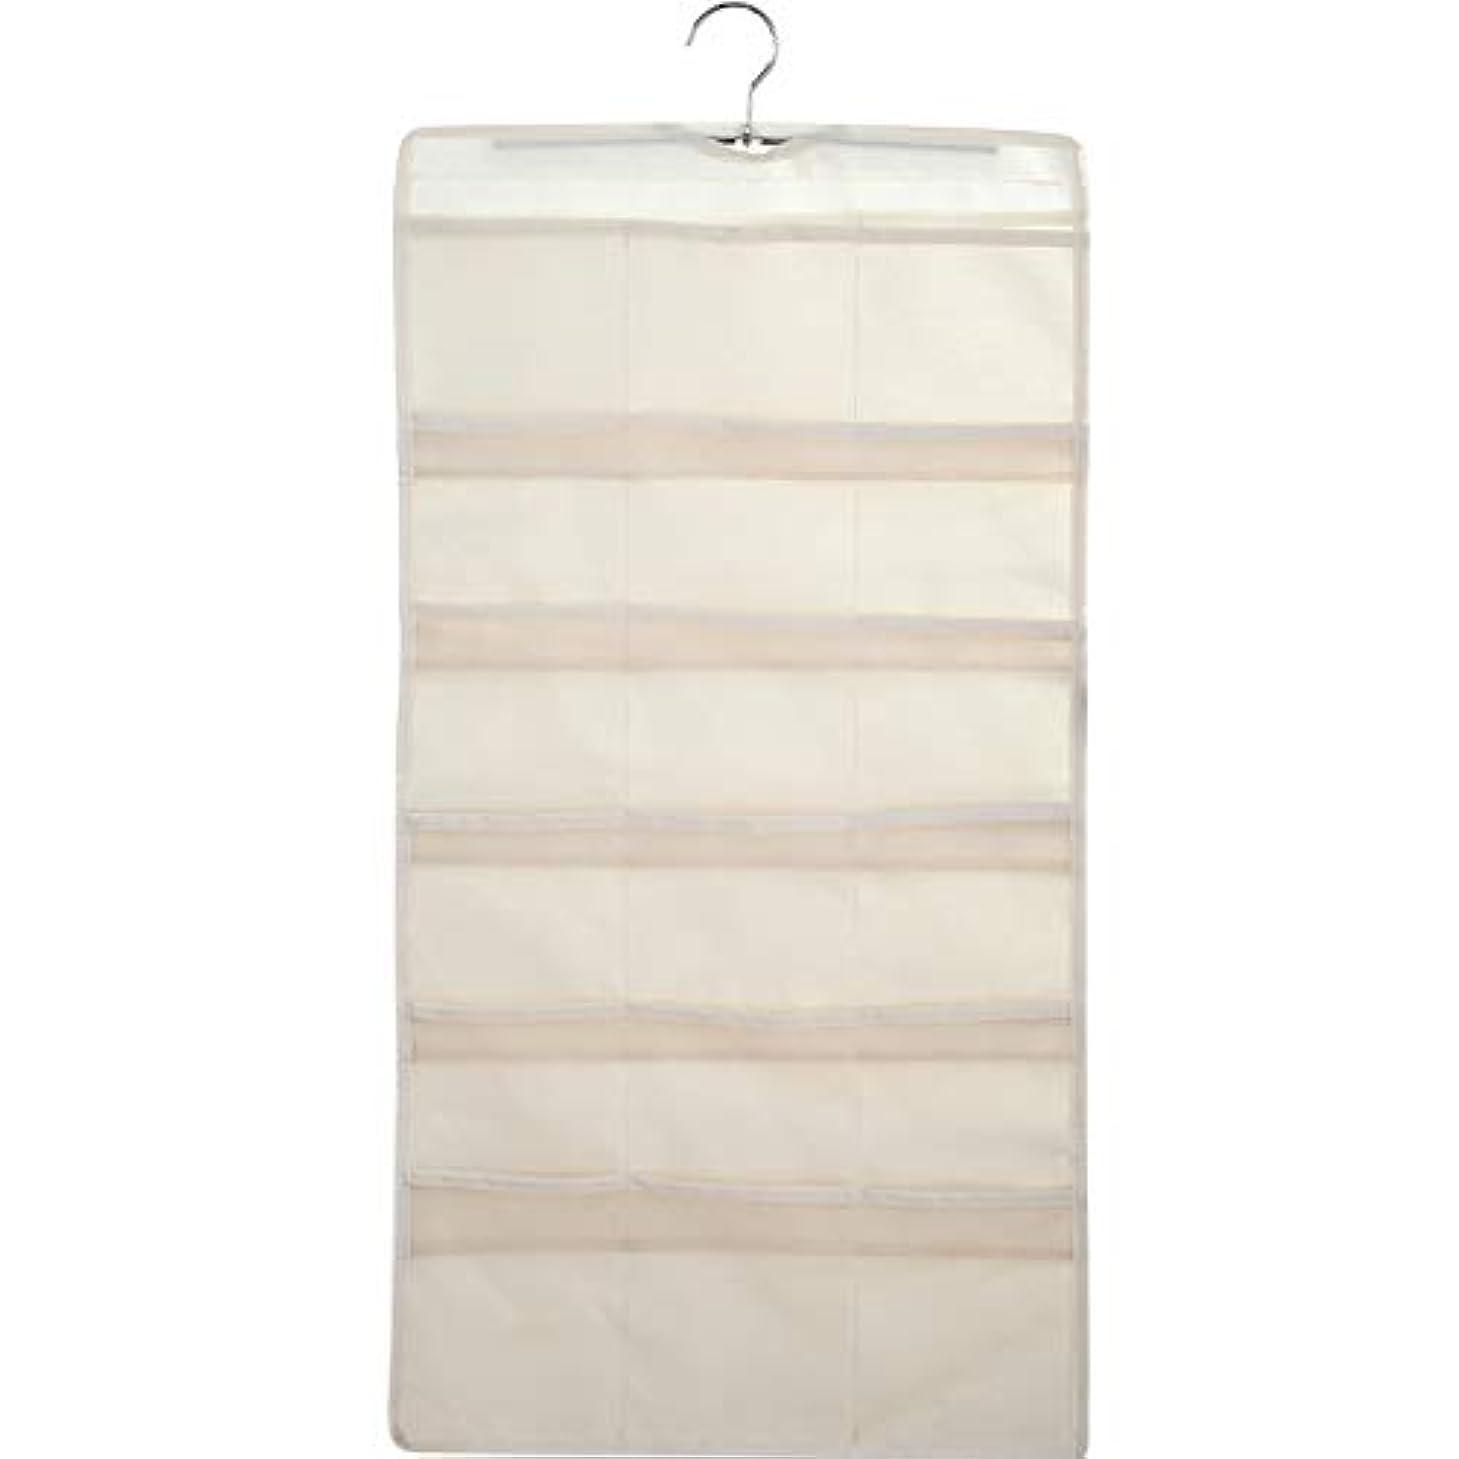 ピービッシュベリる大きくて深いポケットが付いている掛かる収納オーガナイザー、小さいワードローブのための両面スペース節約衣服オーガナイザー,A